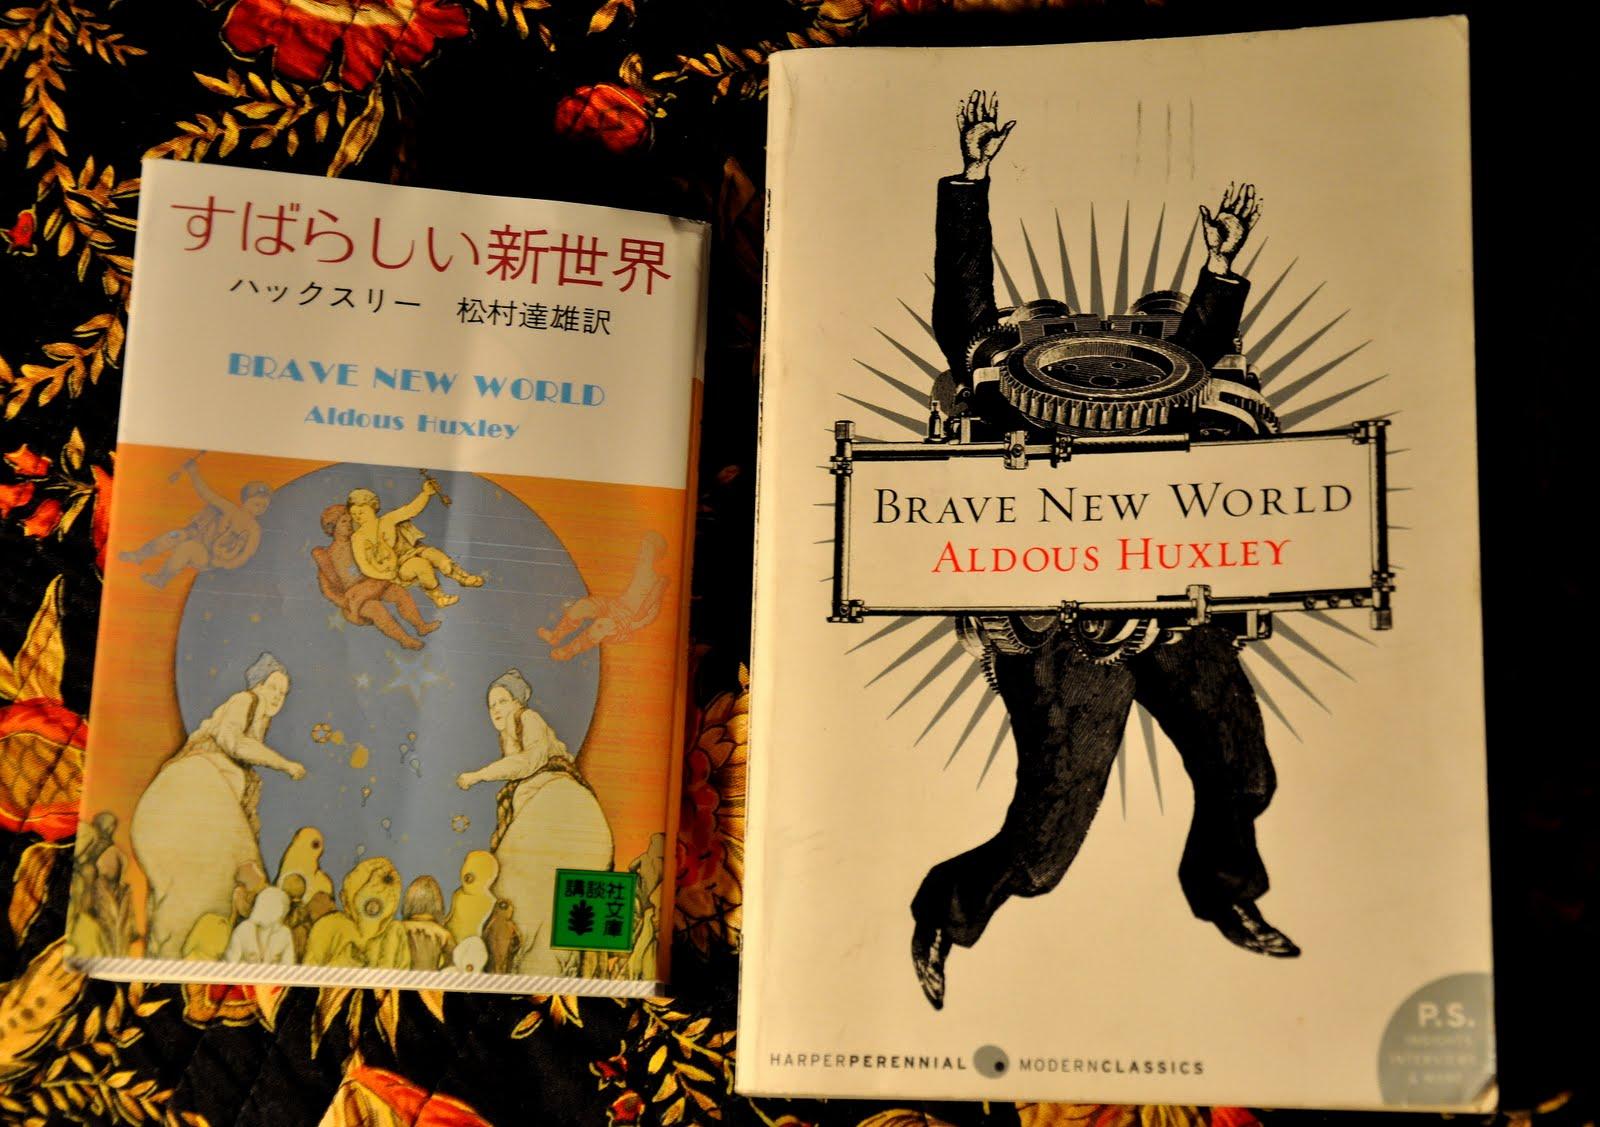 新 世界 無料 すばらしき